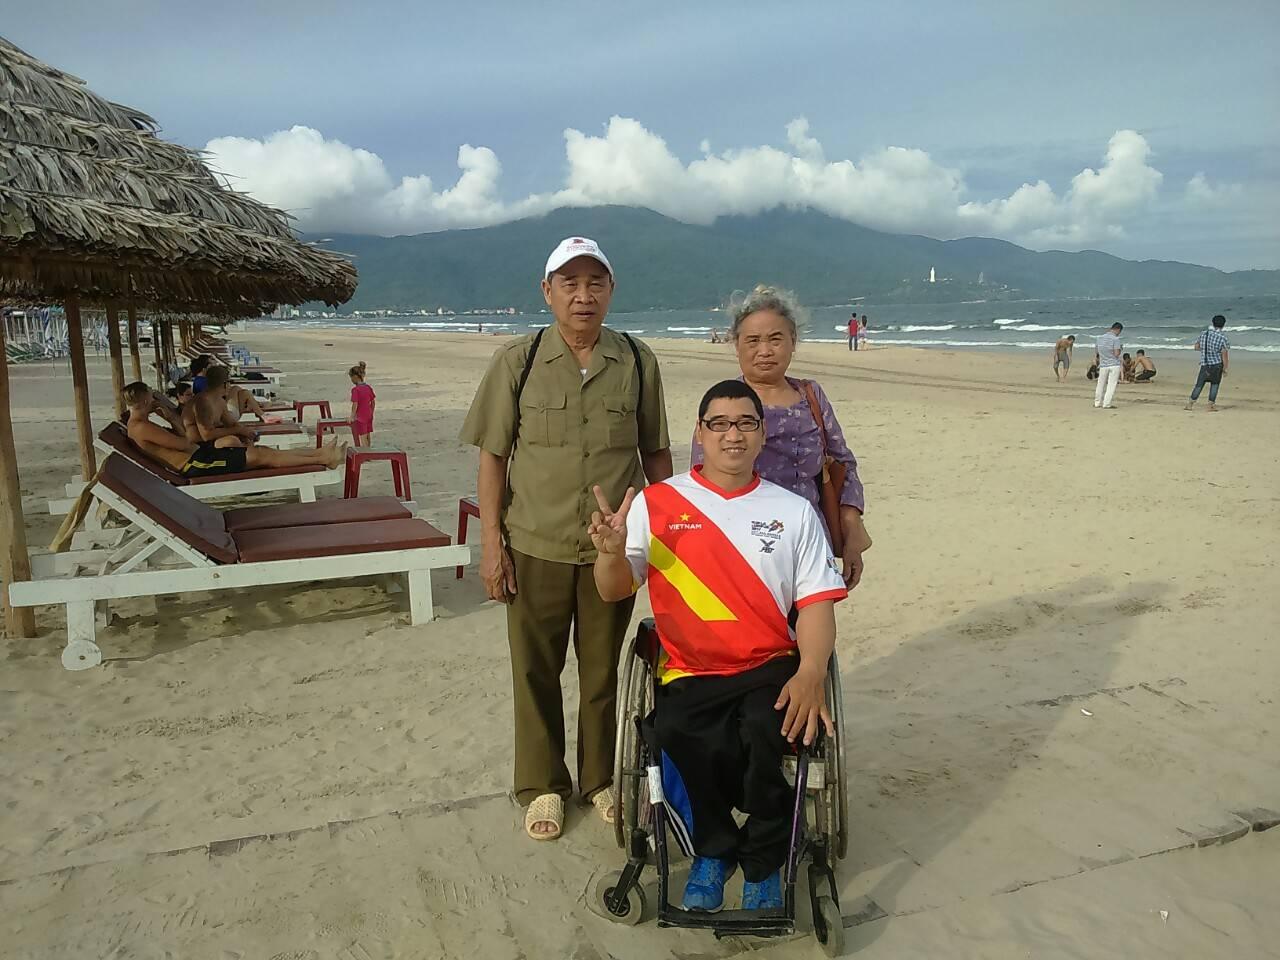 Hành trình người con tật nguyện thực hiện ước mơ du lịch cùng Vietsense Travel - Ảnh 1